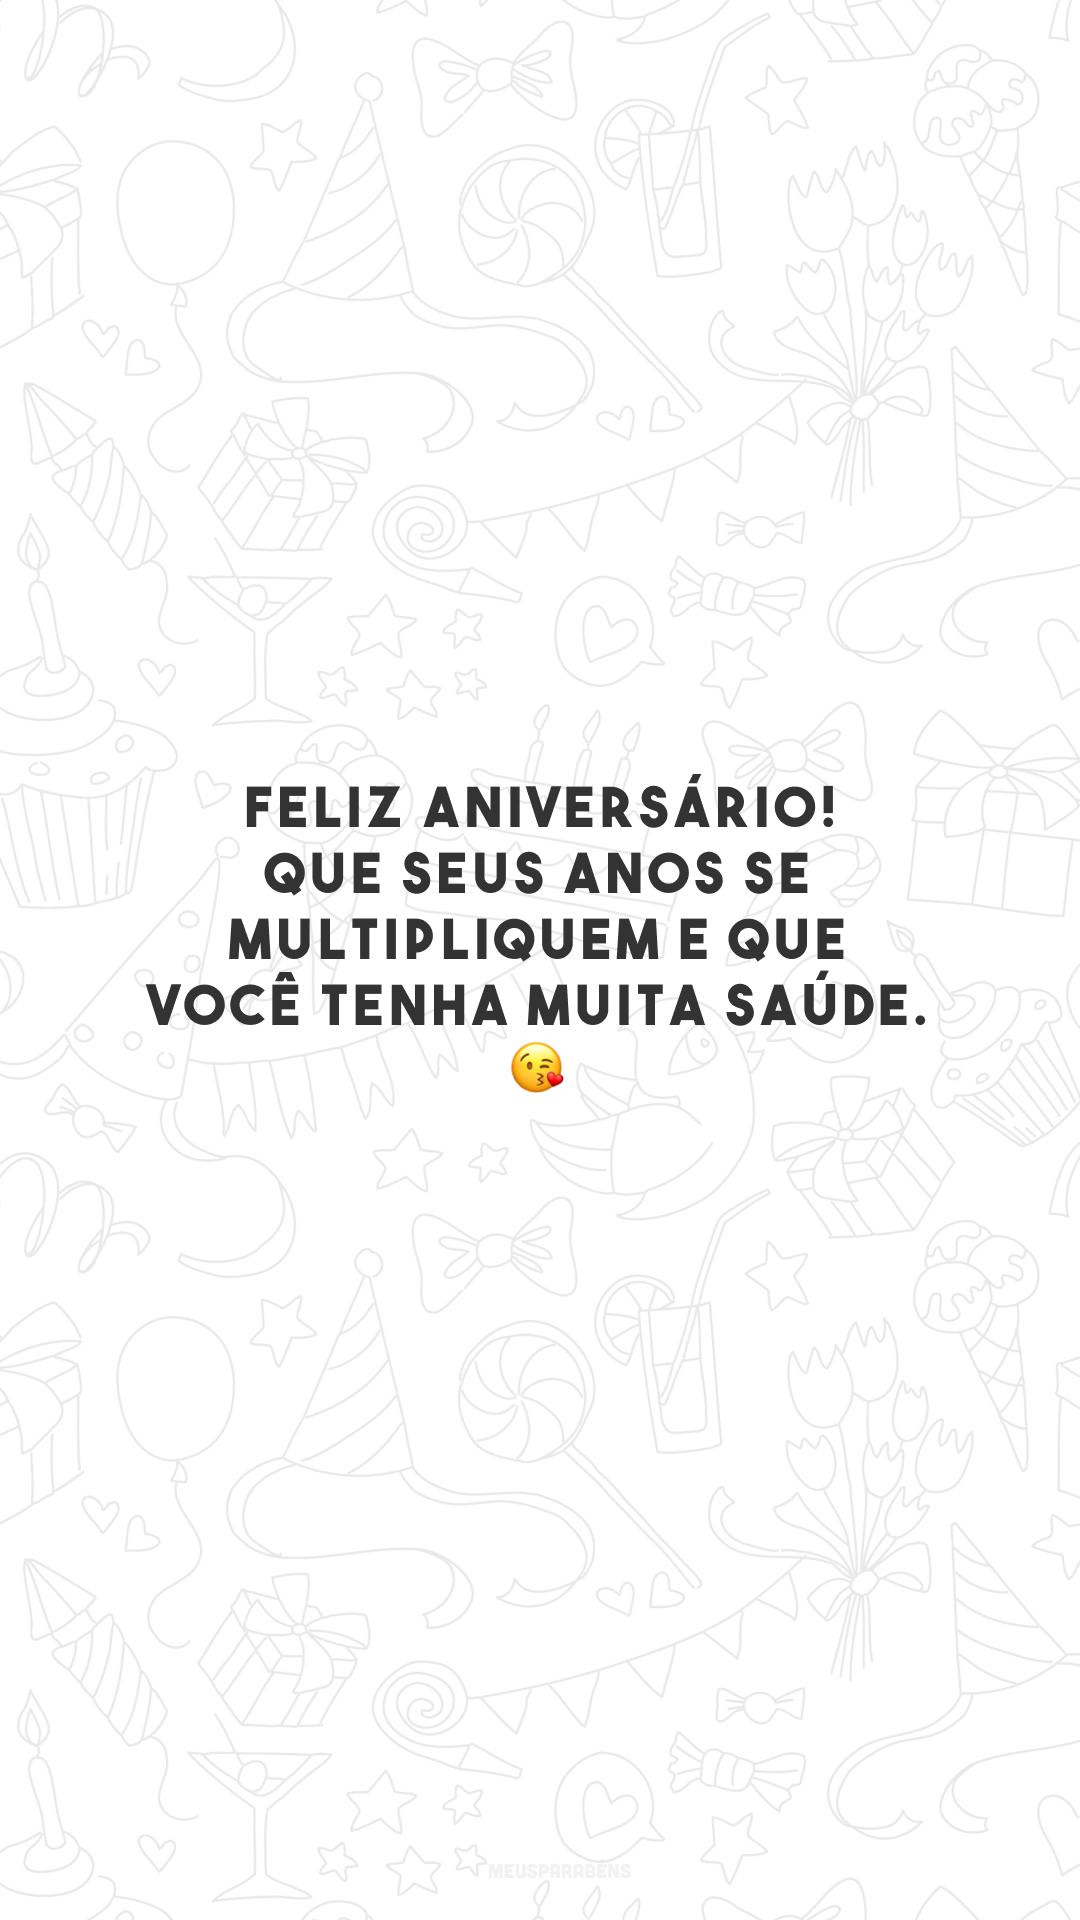 Feliz aniversário! Que seus anos se multipliquem e que você tenha muita saúde. 😘